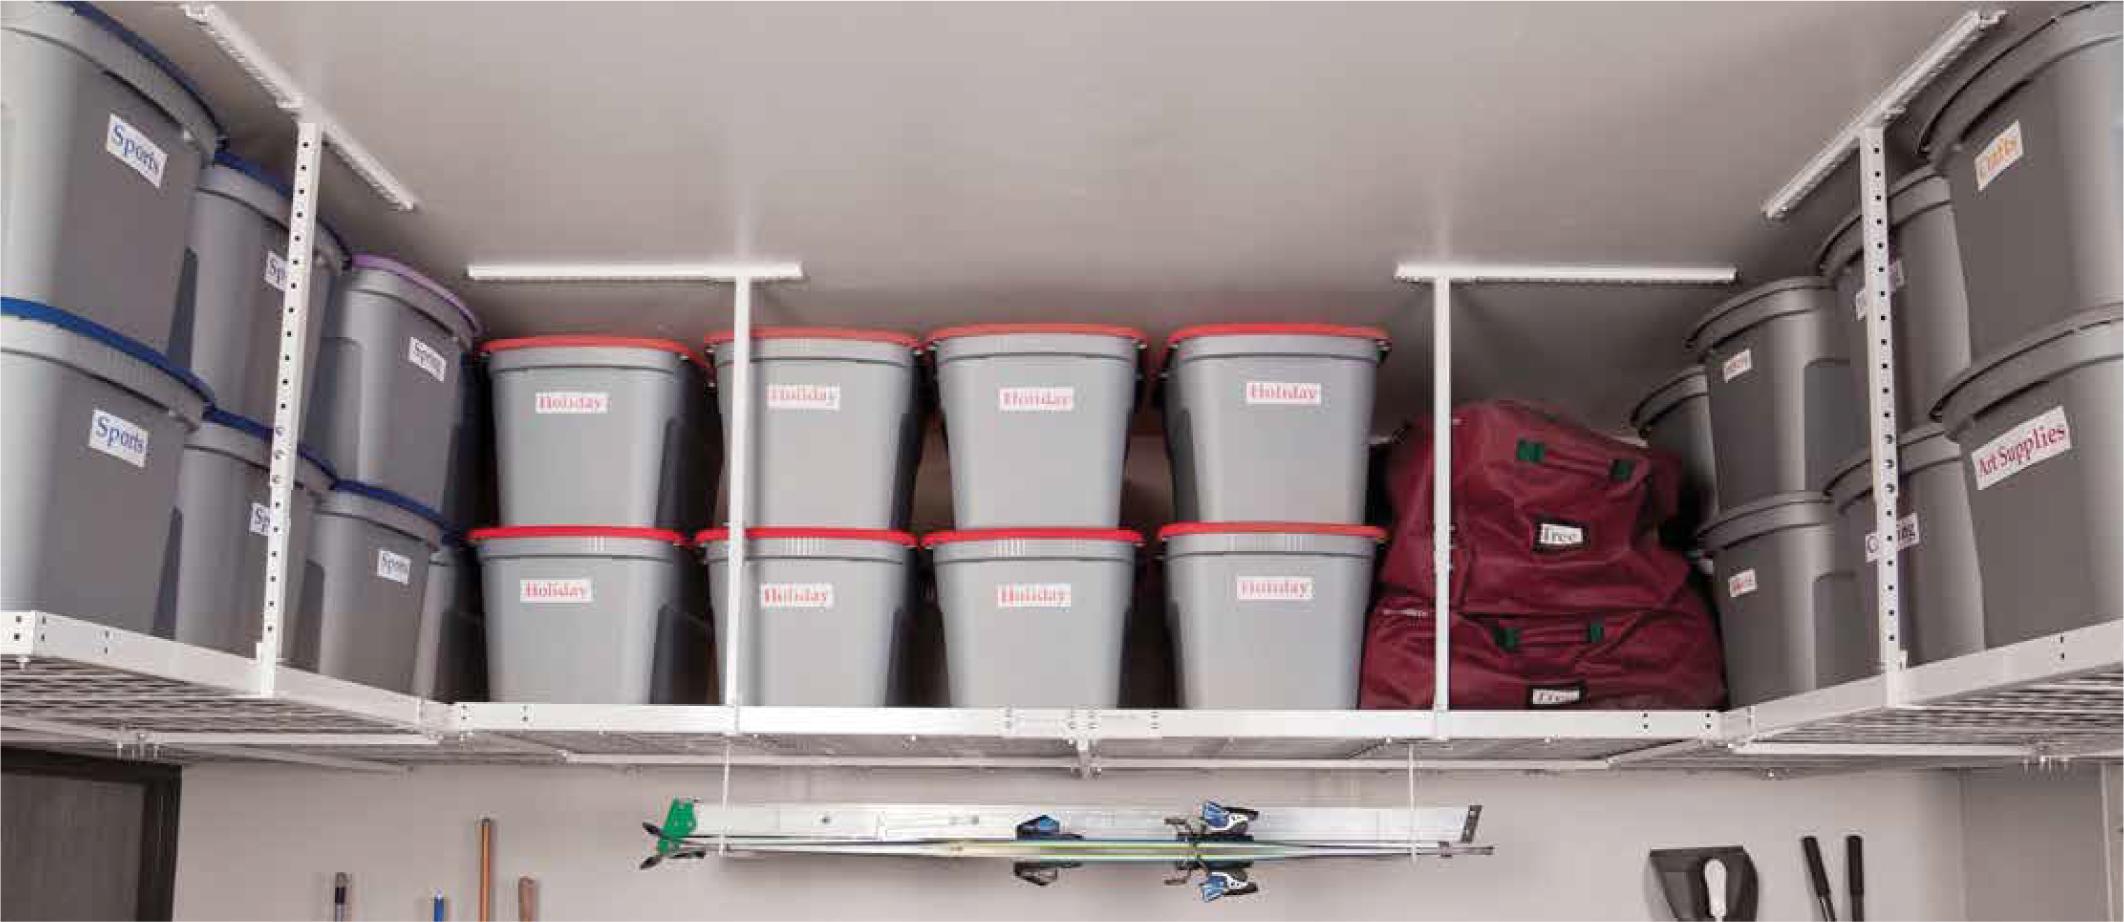 Garage Storage - Overhead Bins